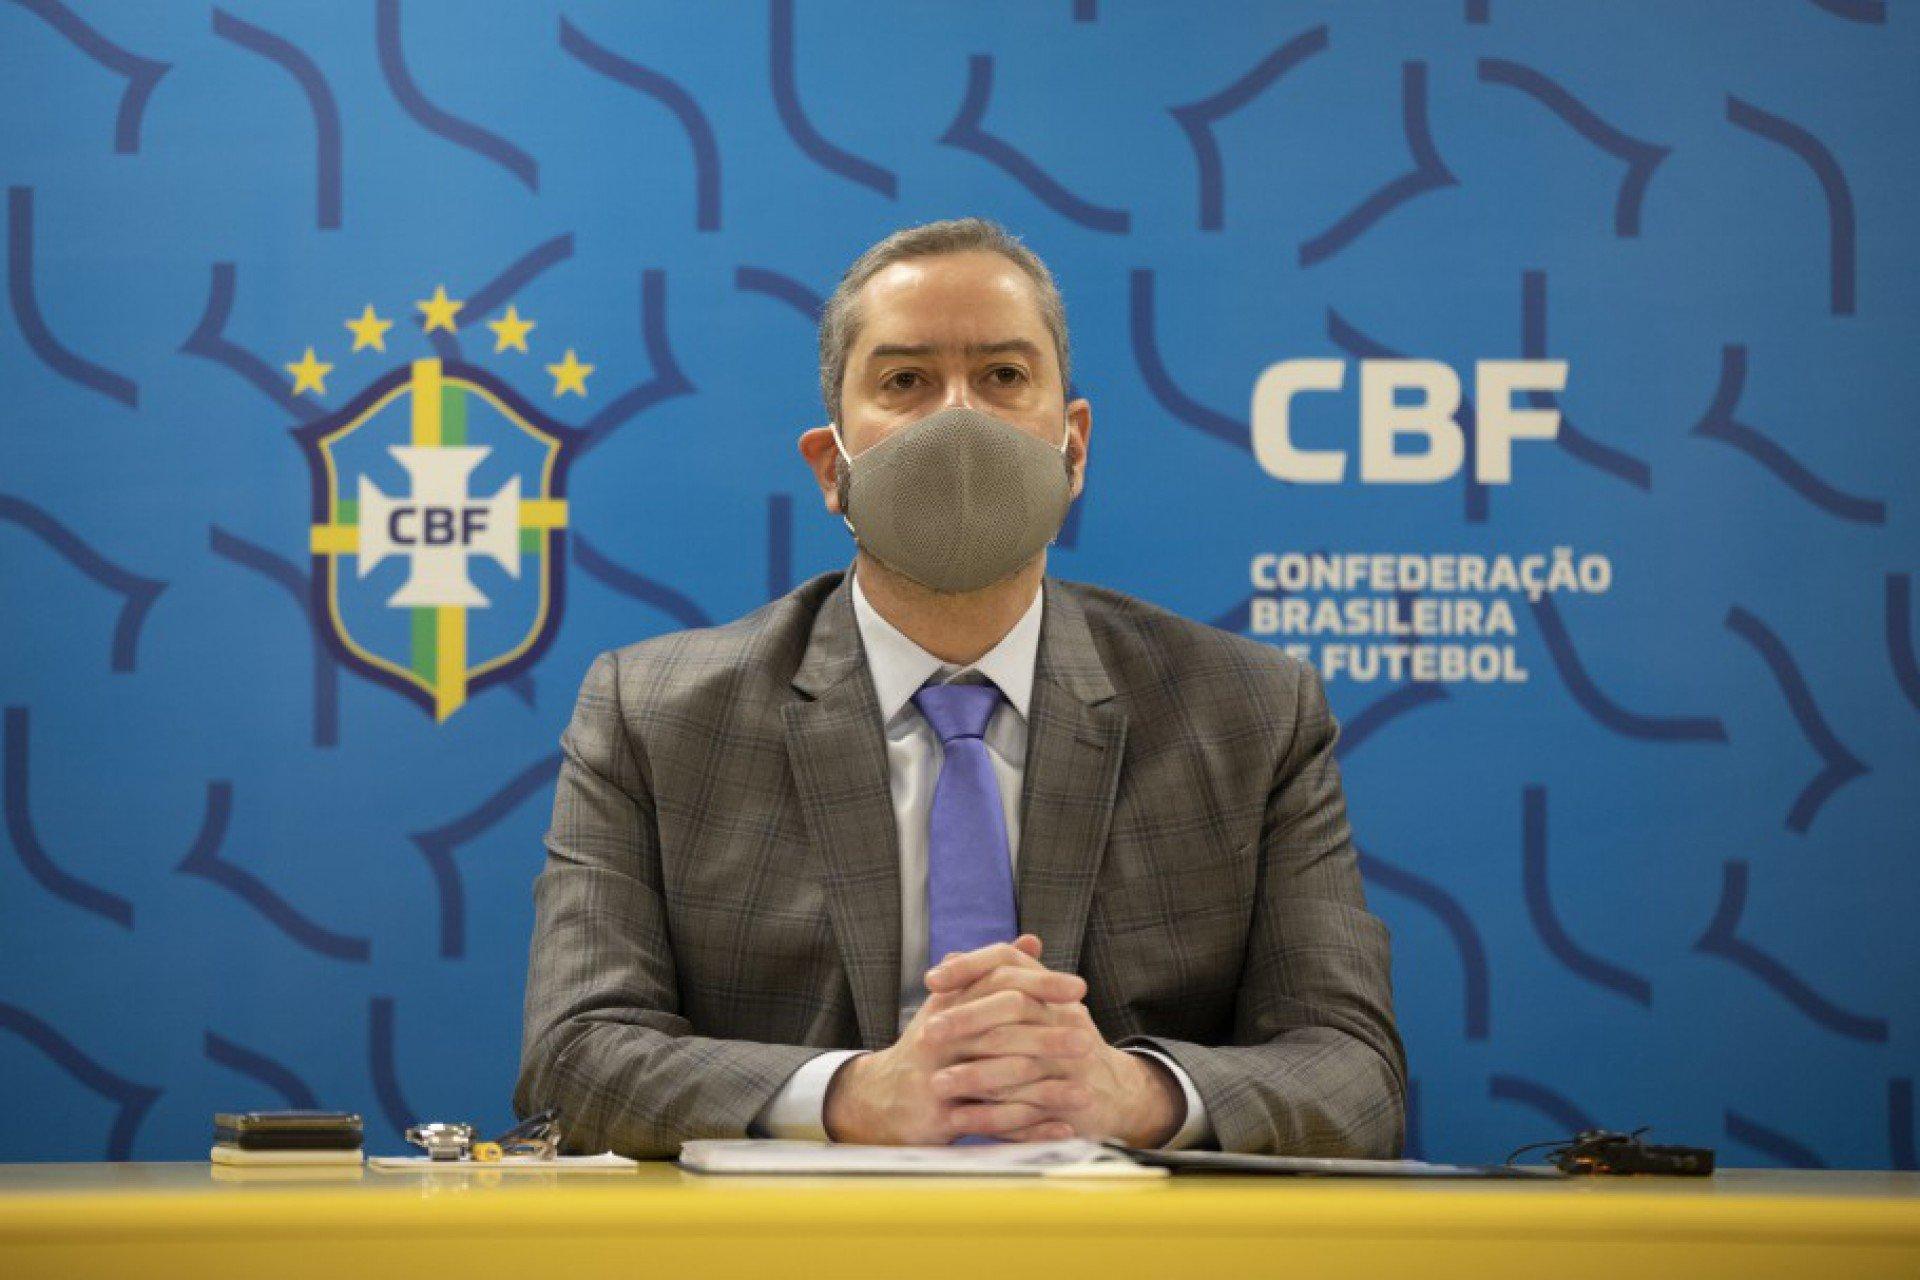 CBF convoca Assembleia Geral que votará punição a Rogério Caboclo, afastado da presidência